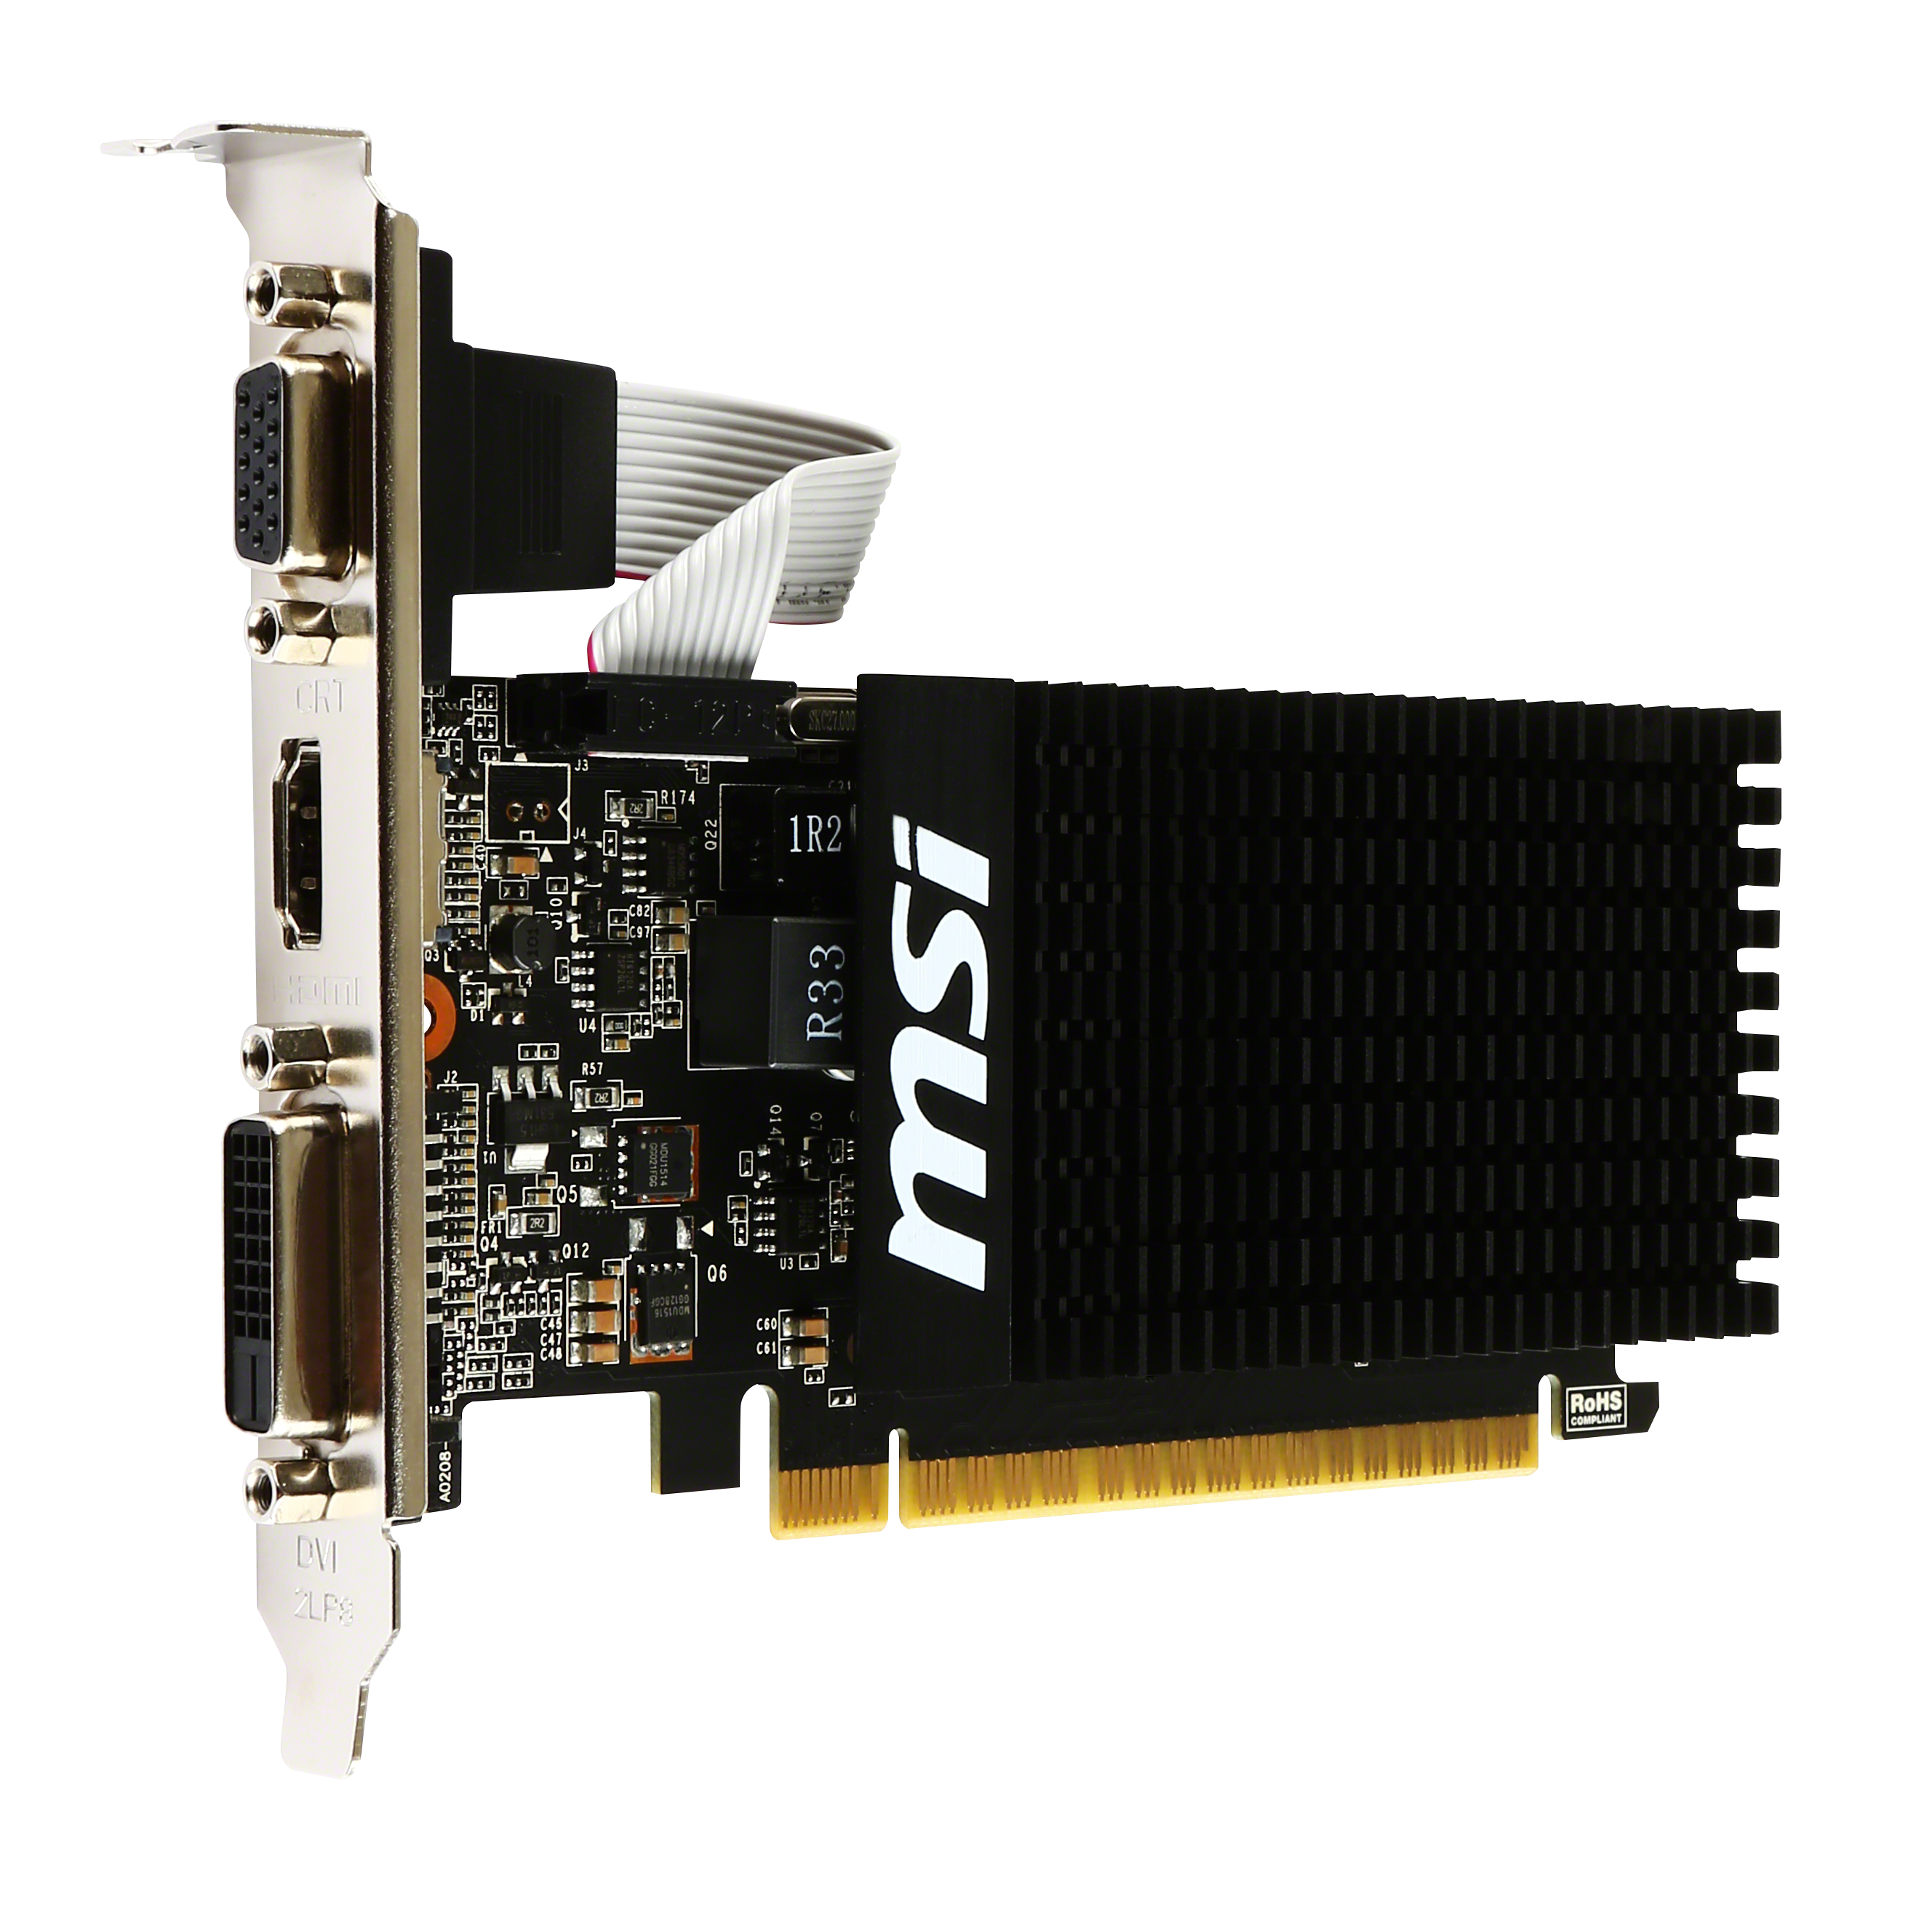 MSICV025445